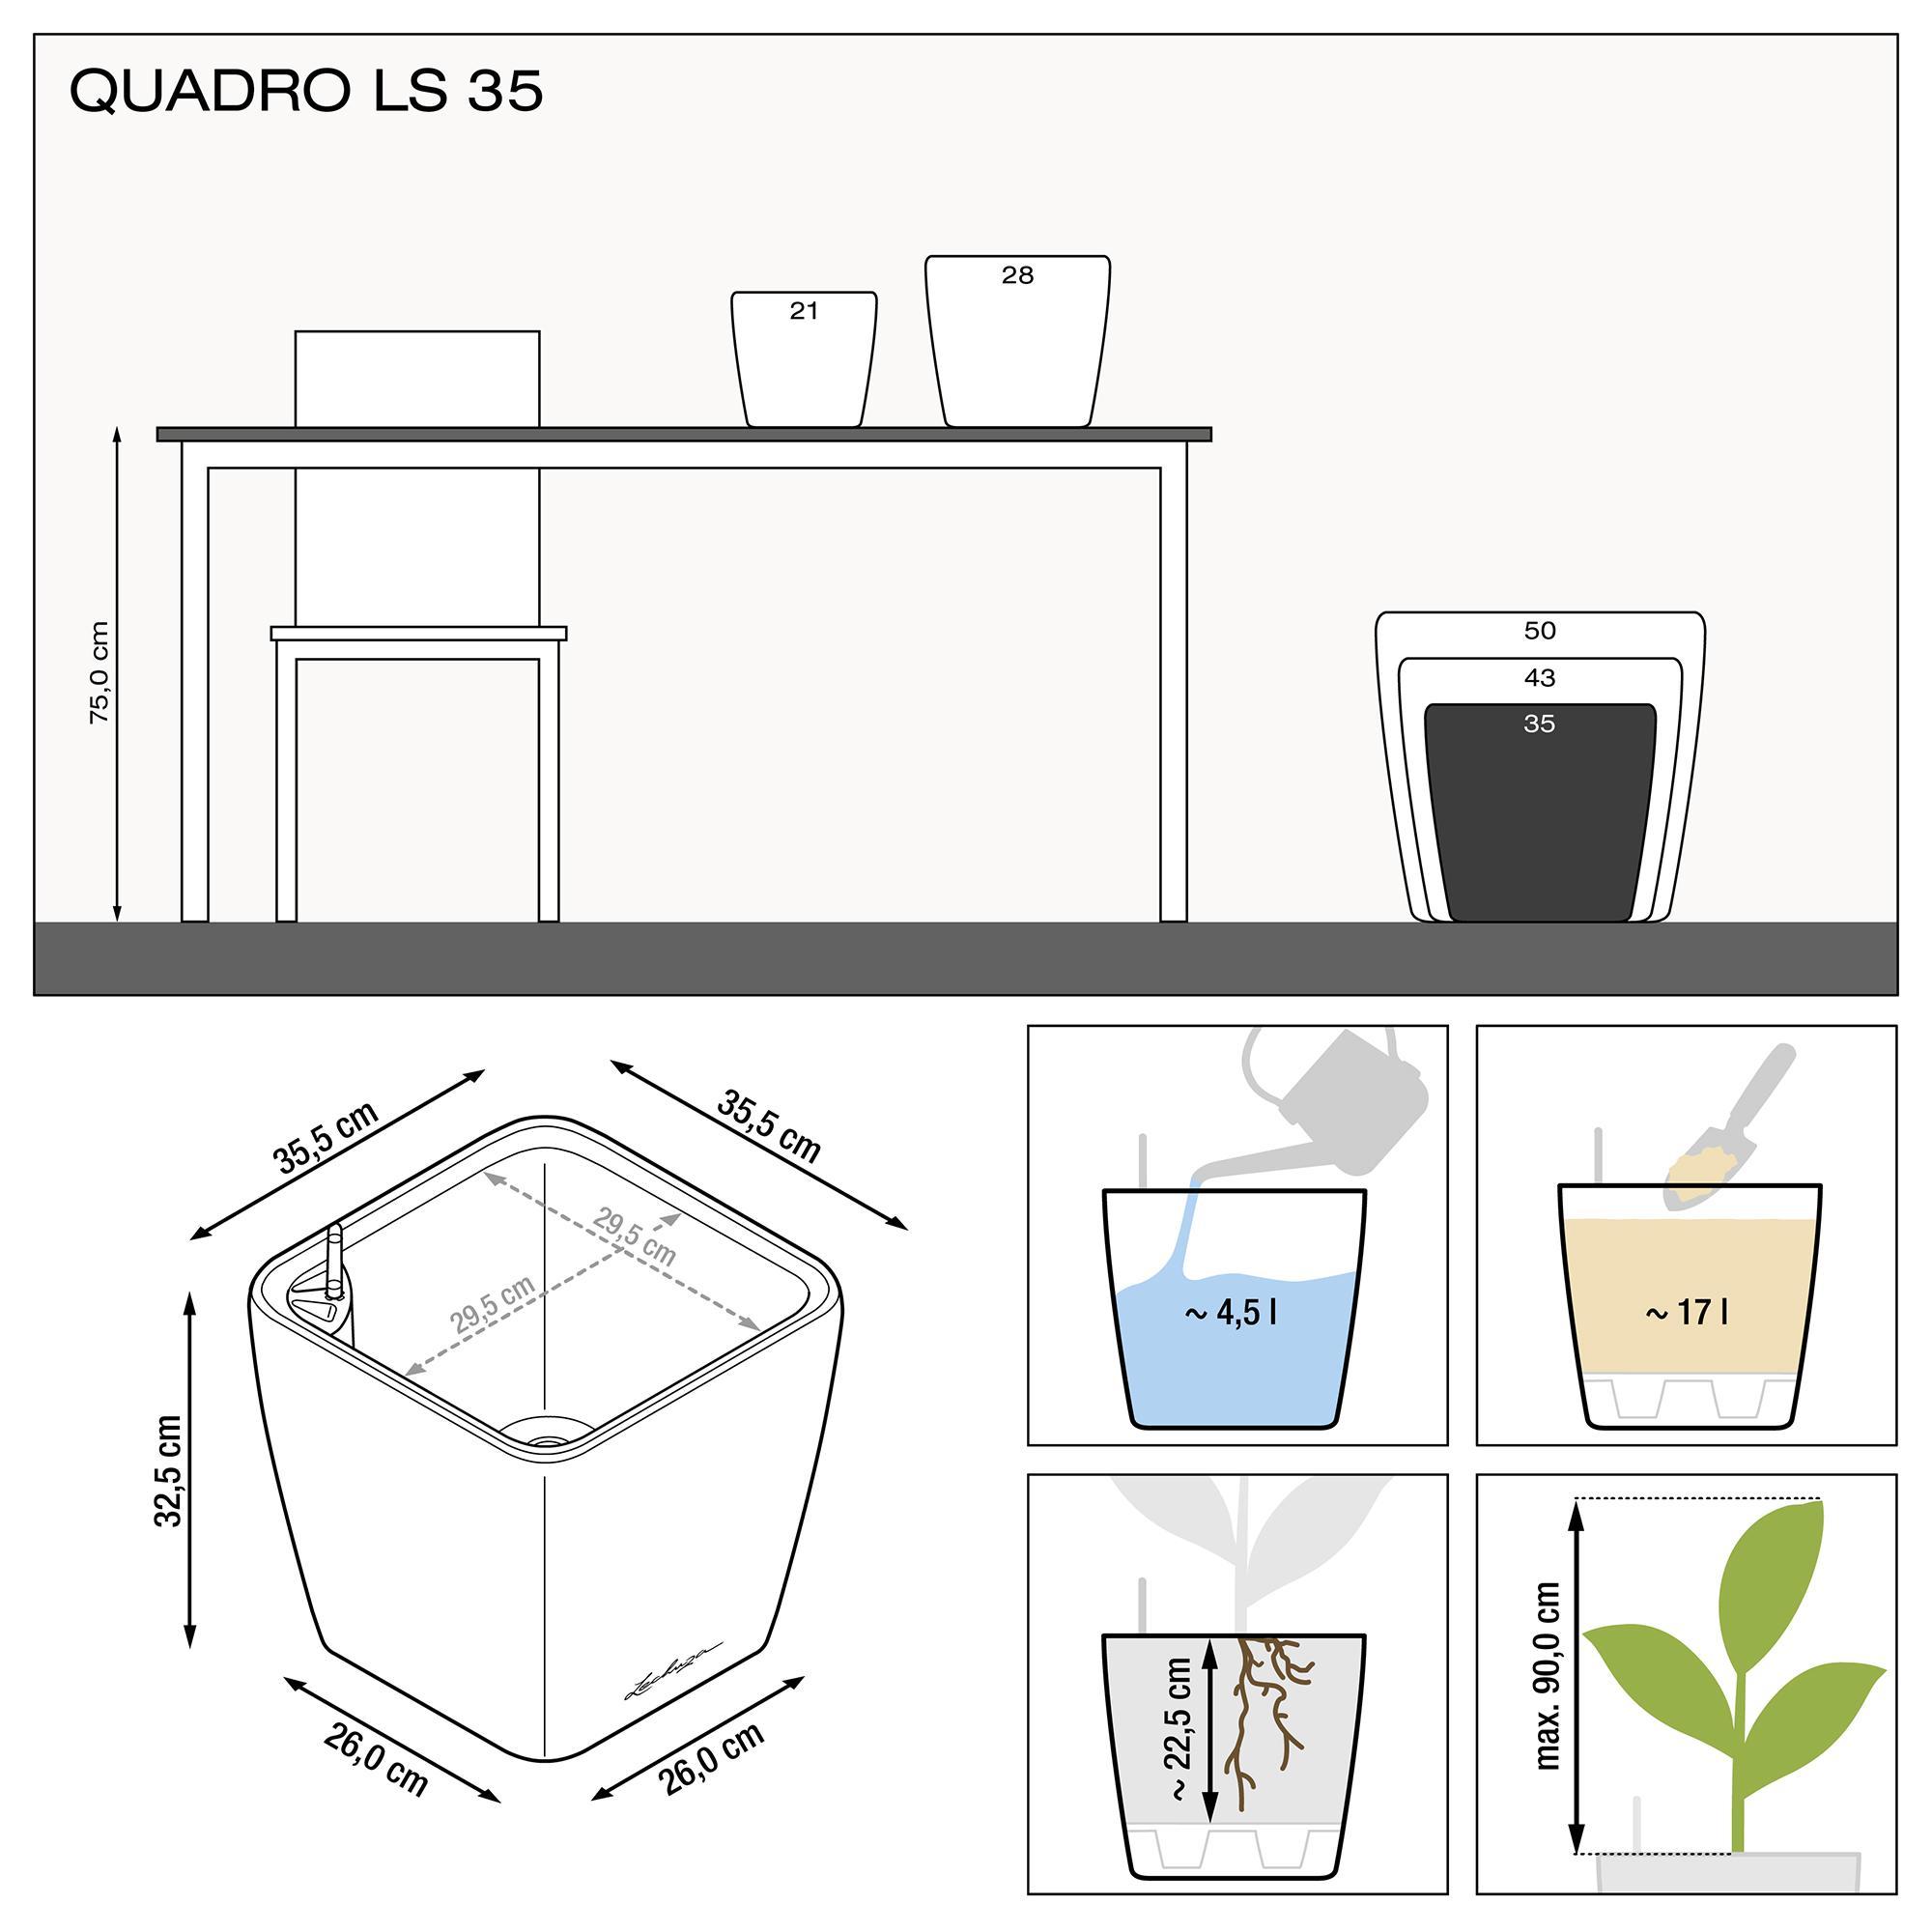 le_quadro-ls35_product_addi_nz